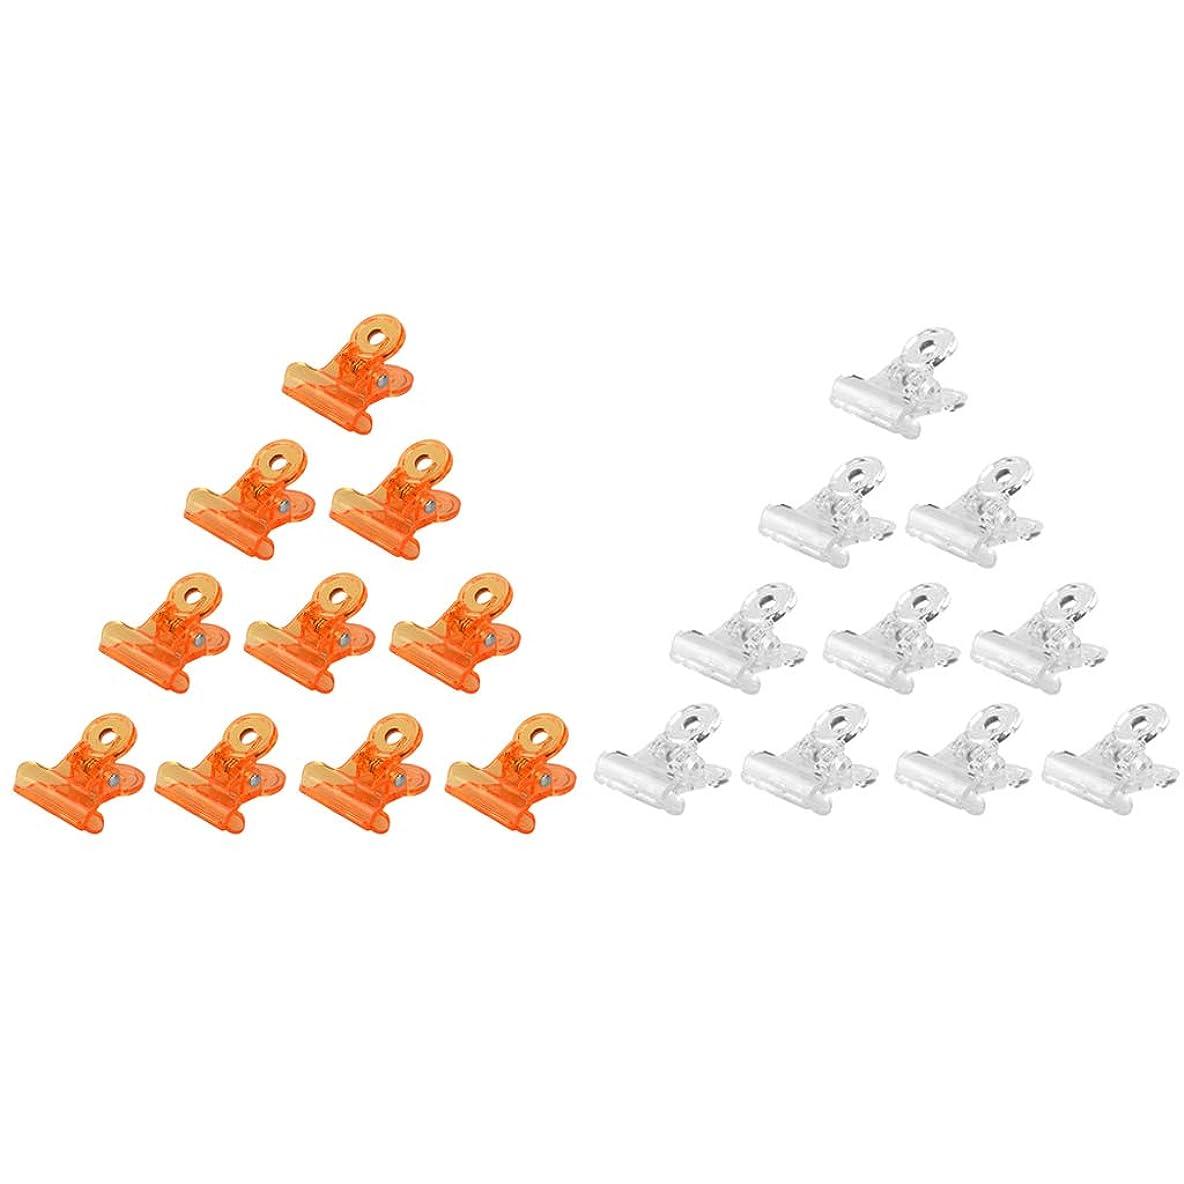 目指すイーウェル魅了するT TOOYFUL ネイルポリッシュ リムーバークリップ アクリル ネイルクリップ ネイルケアツール 全3種 - オレンジ+クリア